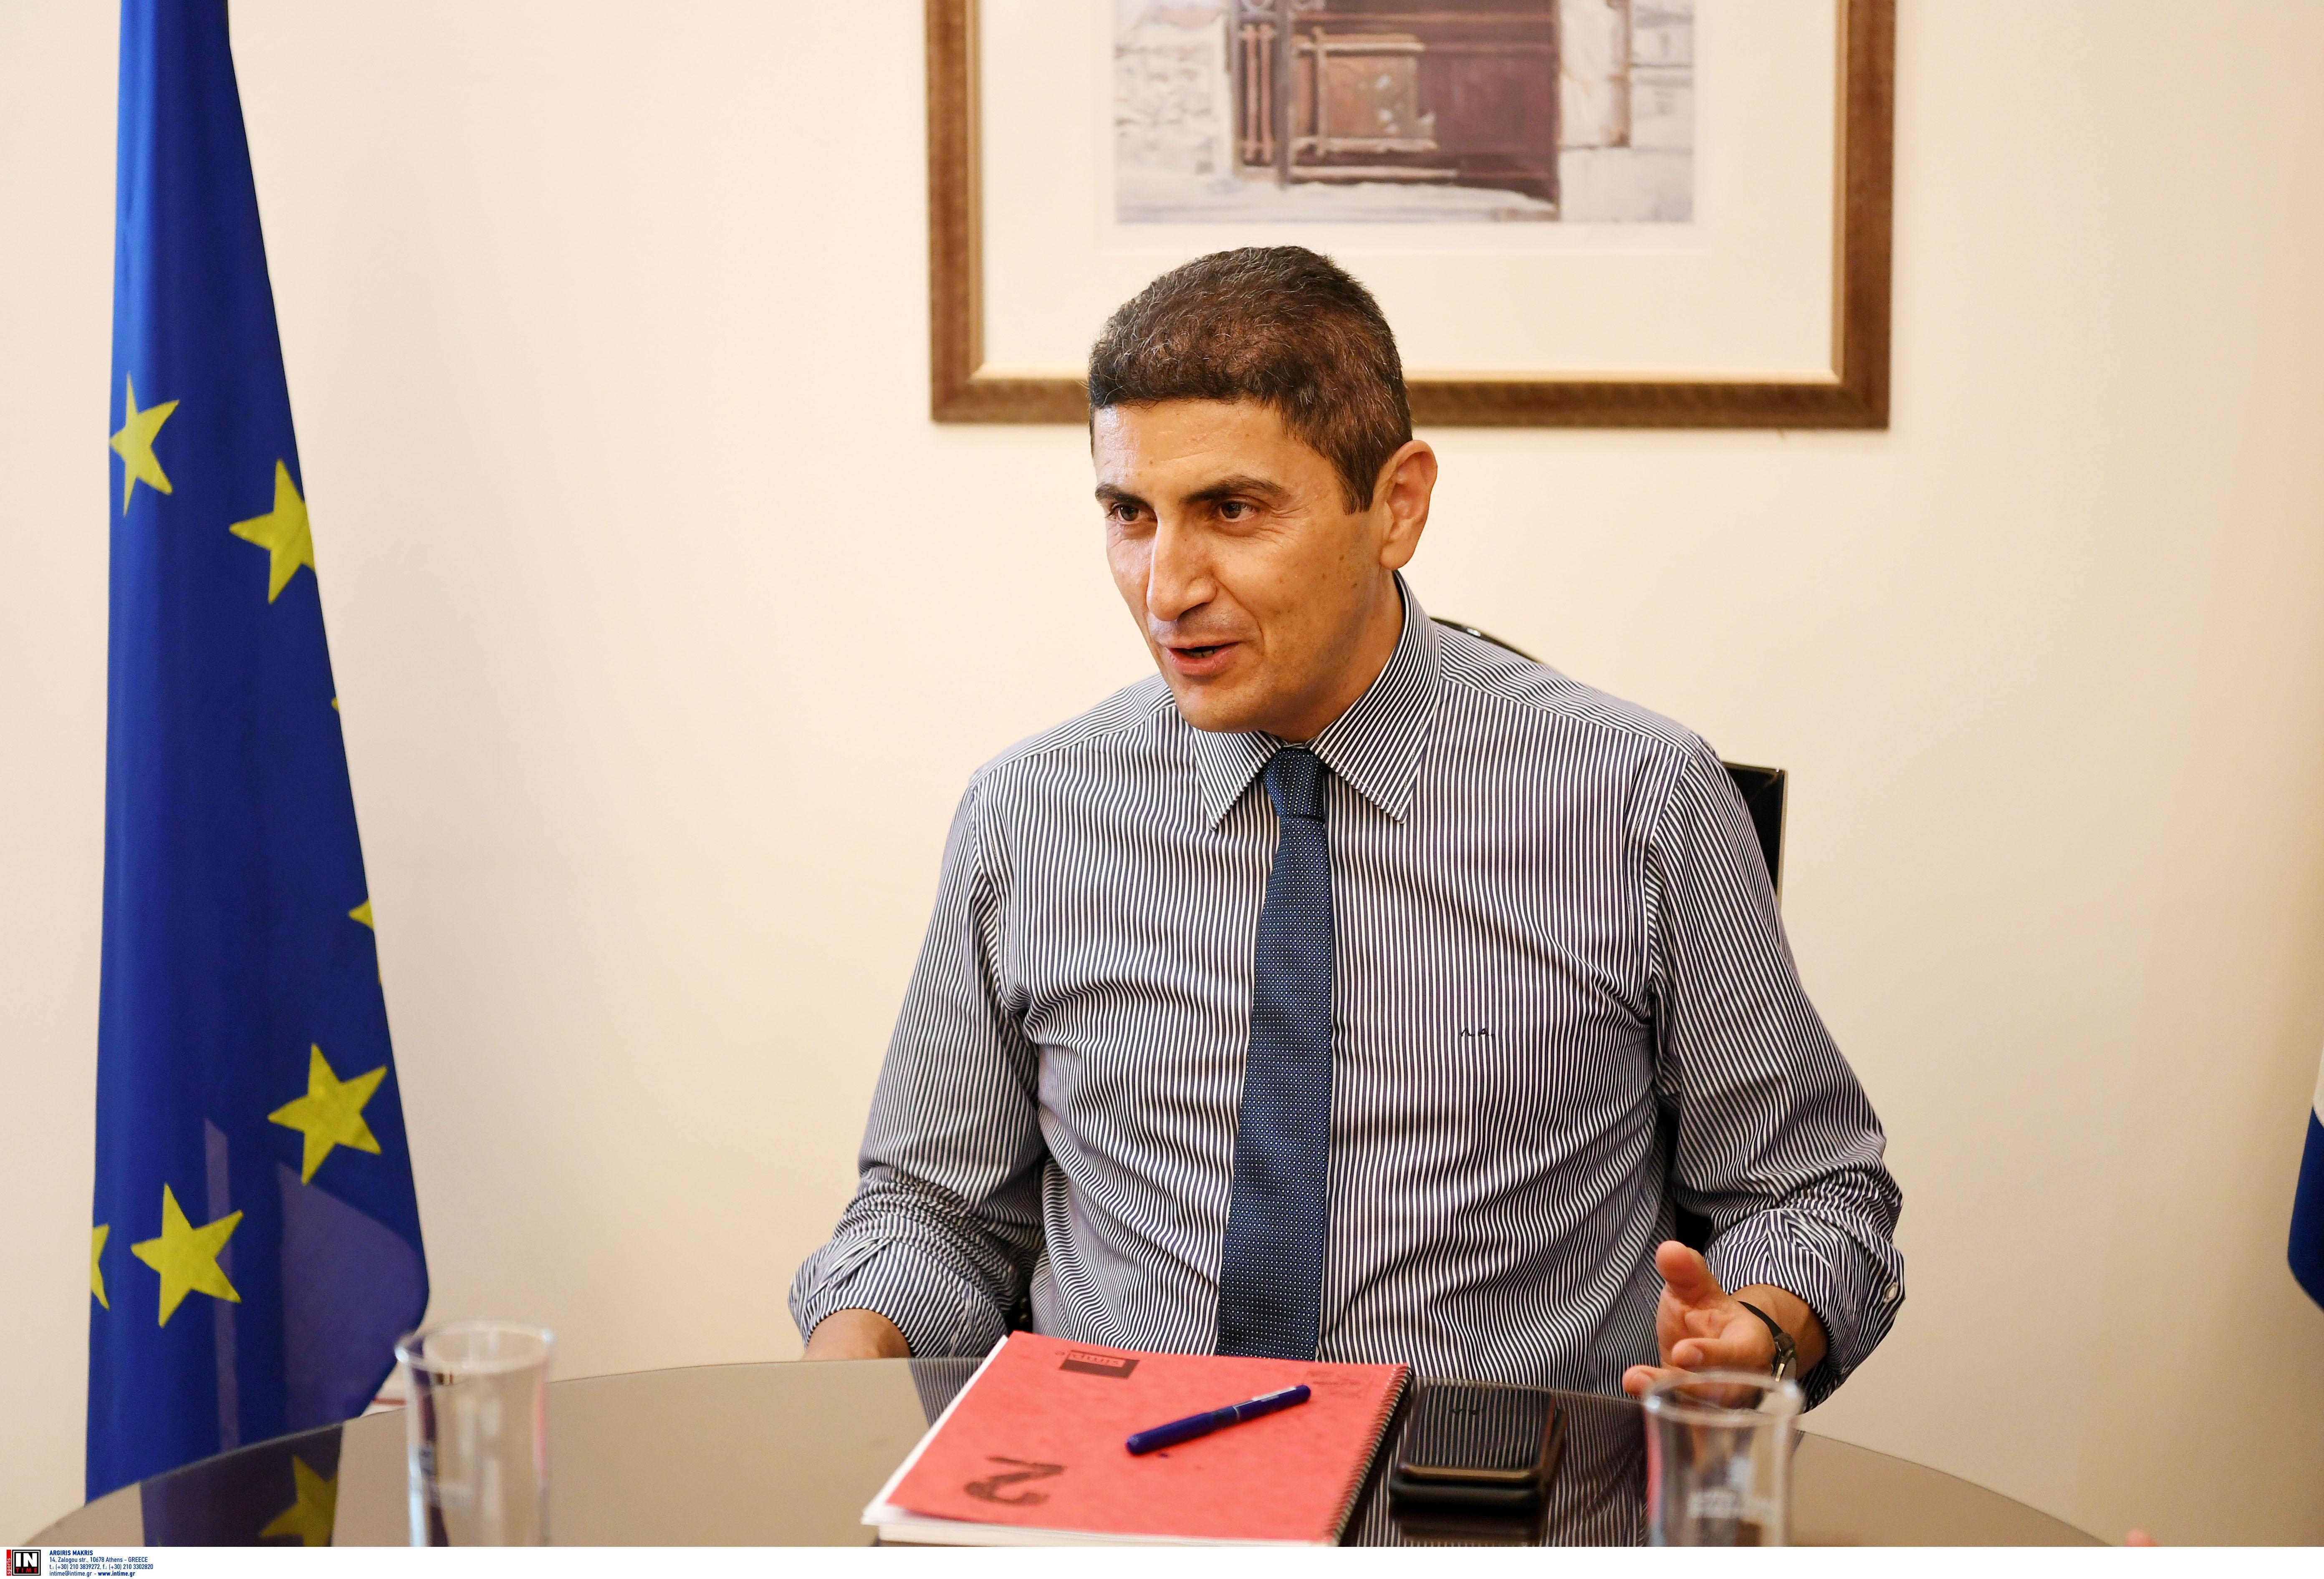 """Αυγενάκης: """"Πρωτοφανές περιστατικό! Σε εξέλιξη έρευνα για σύλληψη των δραστών"""""""